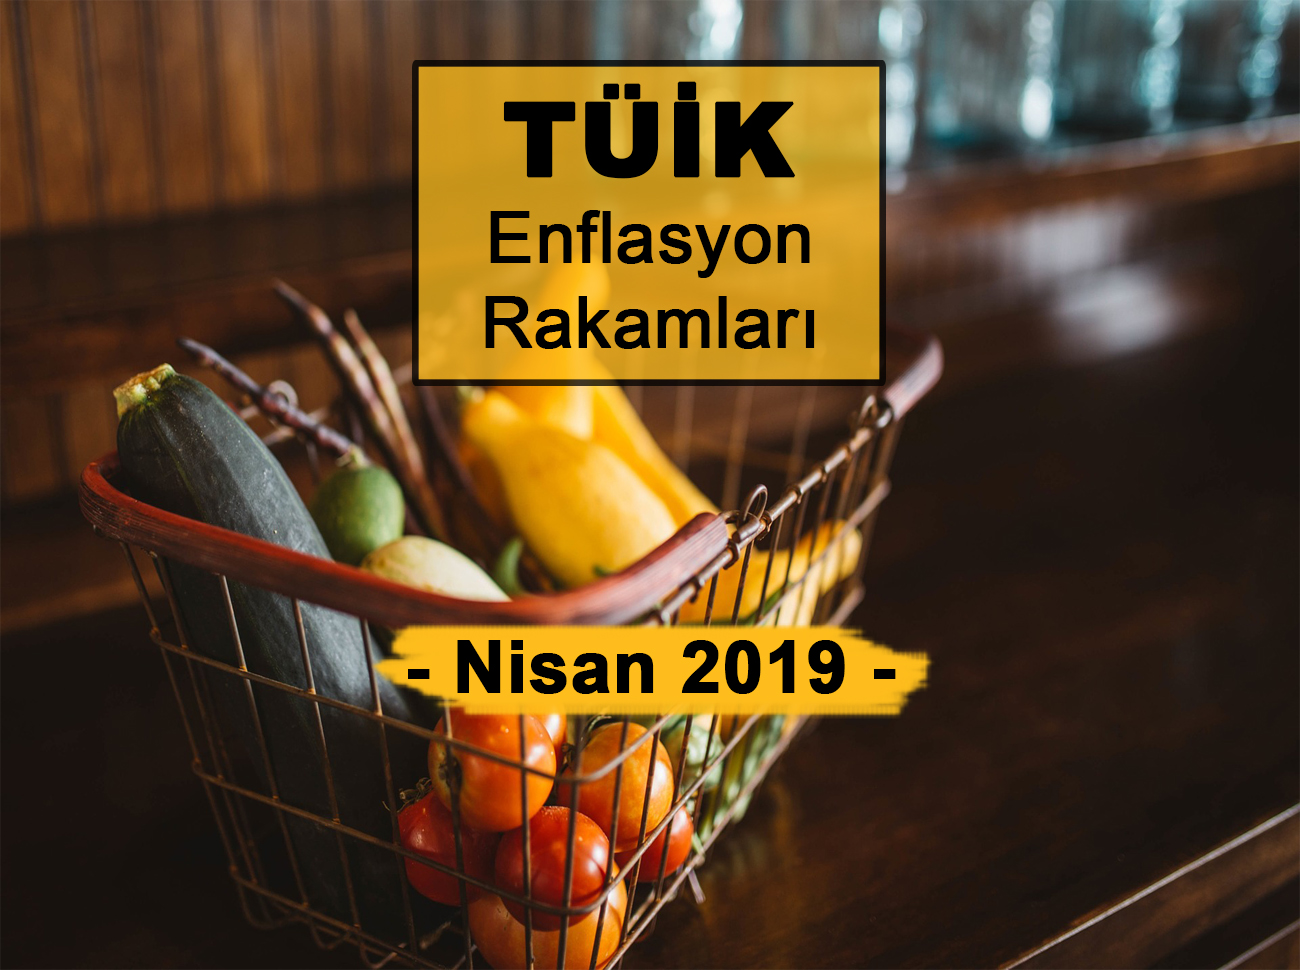 Nisan (2019) Enflasyon Rakamları Açıklandı